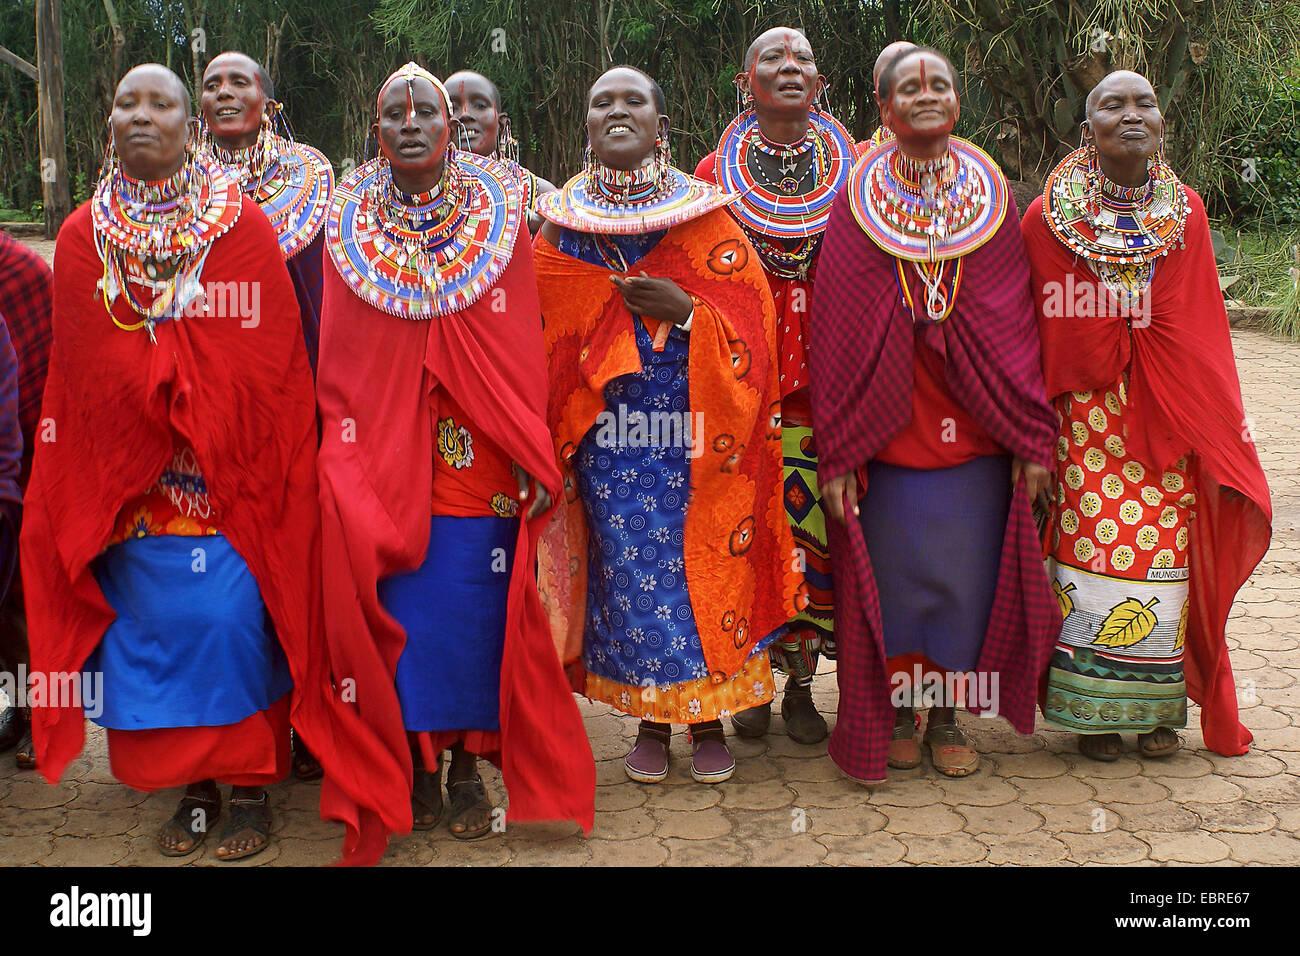 Massai gruppo con abbigliamento tradizionale, Kenia Masai Mara Immagini Stock